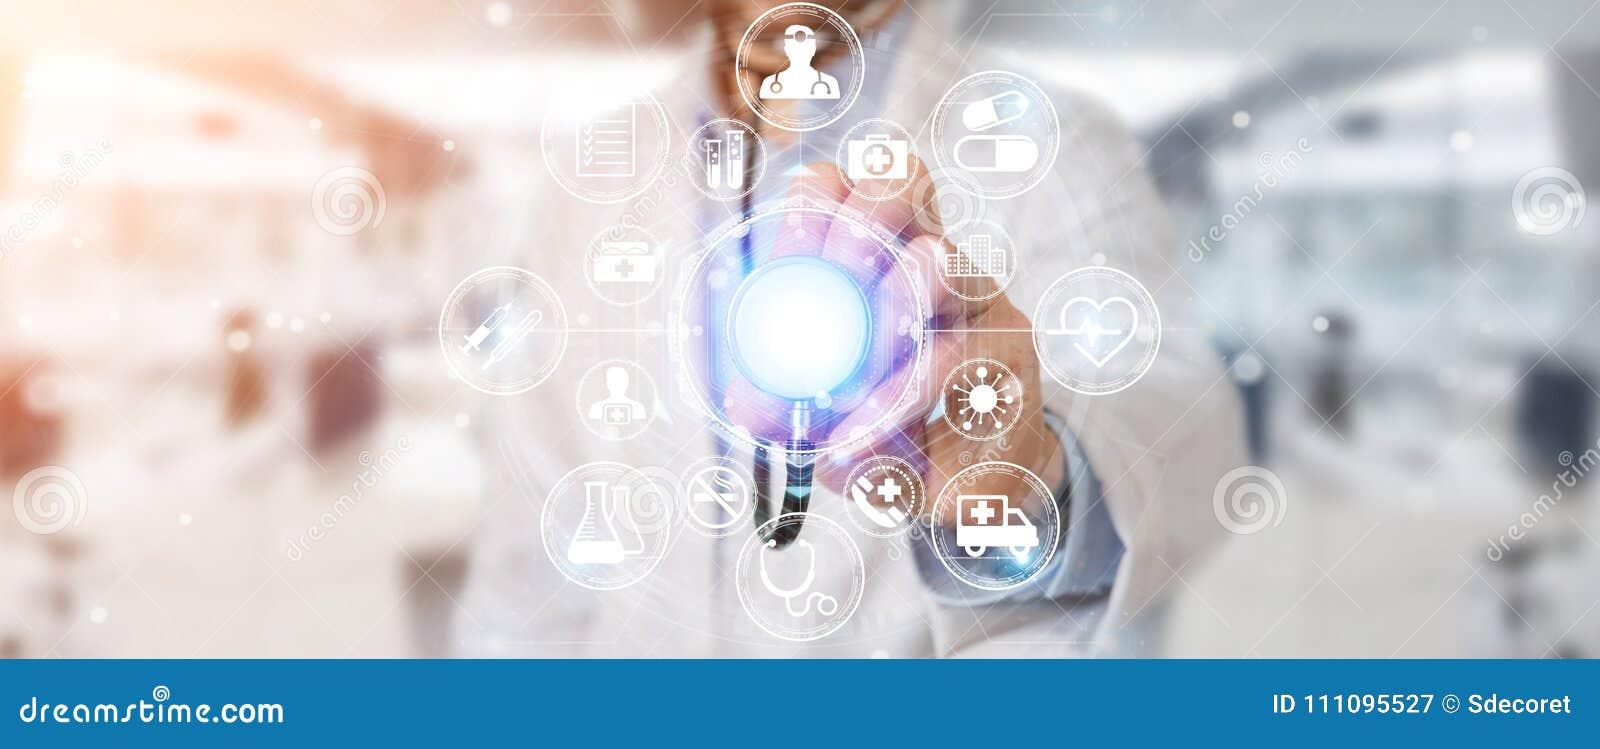 Docteur employant le rendu futuriste médical numérique de l interface 3D